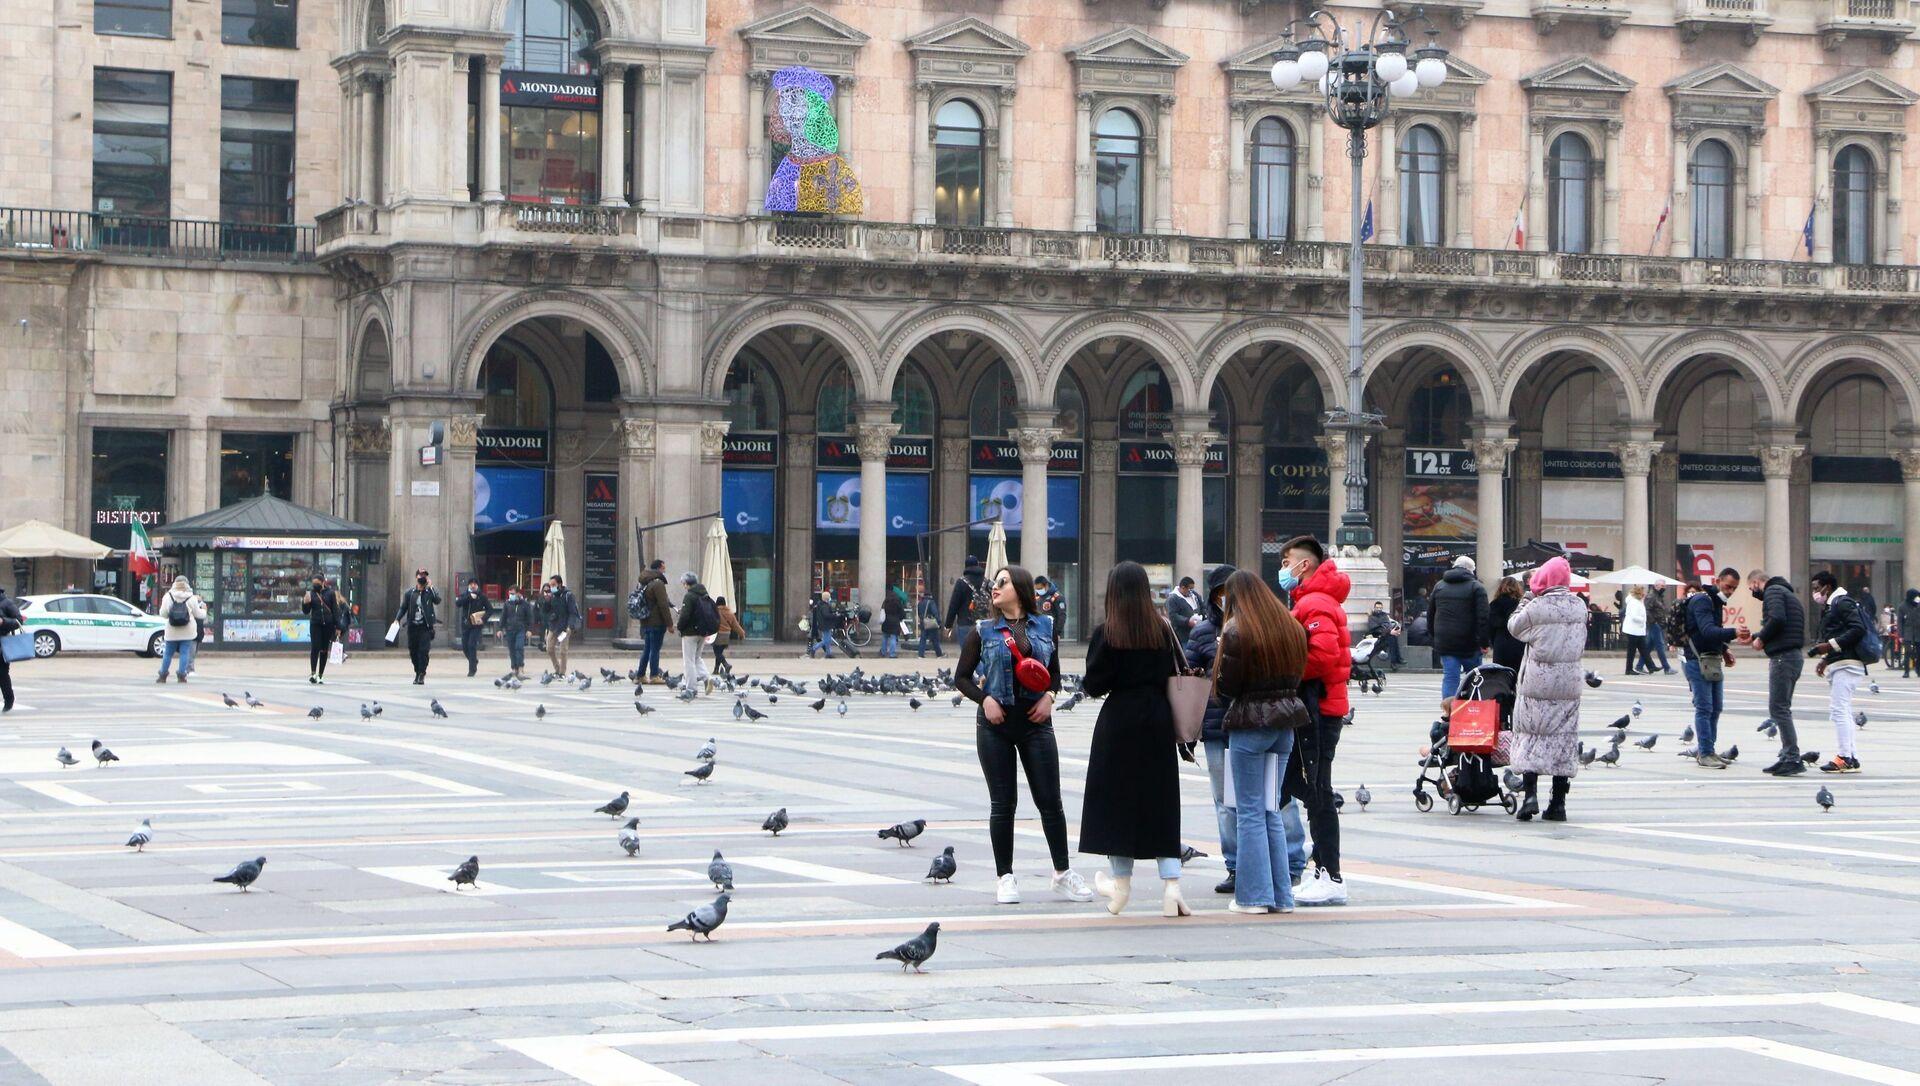 Le persone in Piazza del Duomo a Milano, Italia - Sputnik Italia, 1920, 11.03.2021